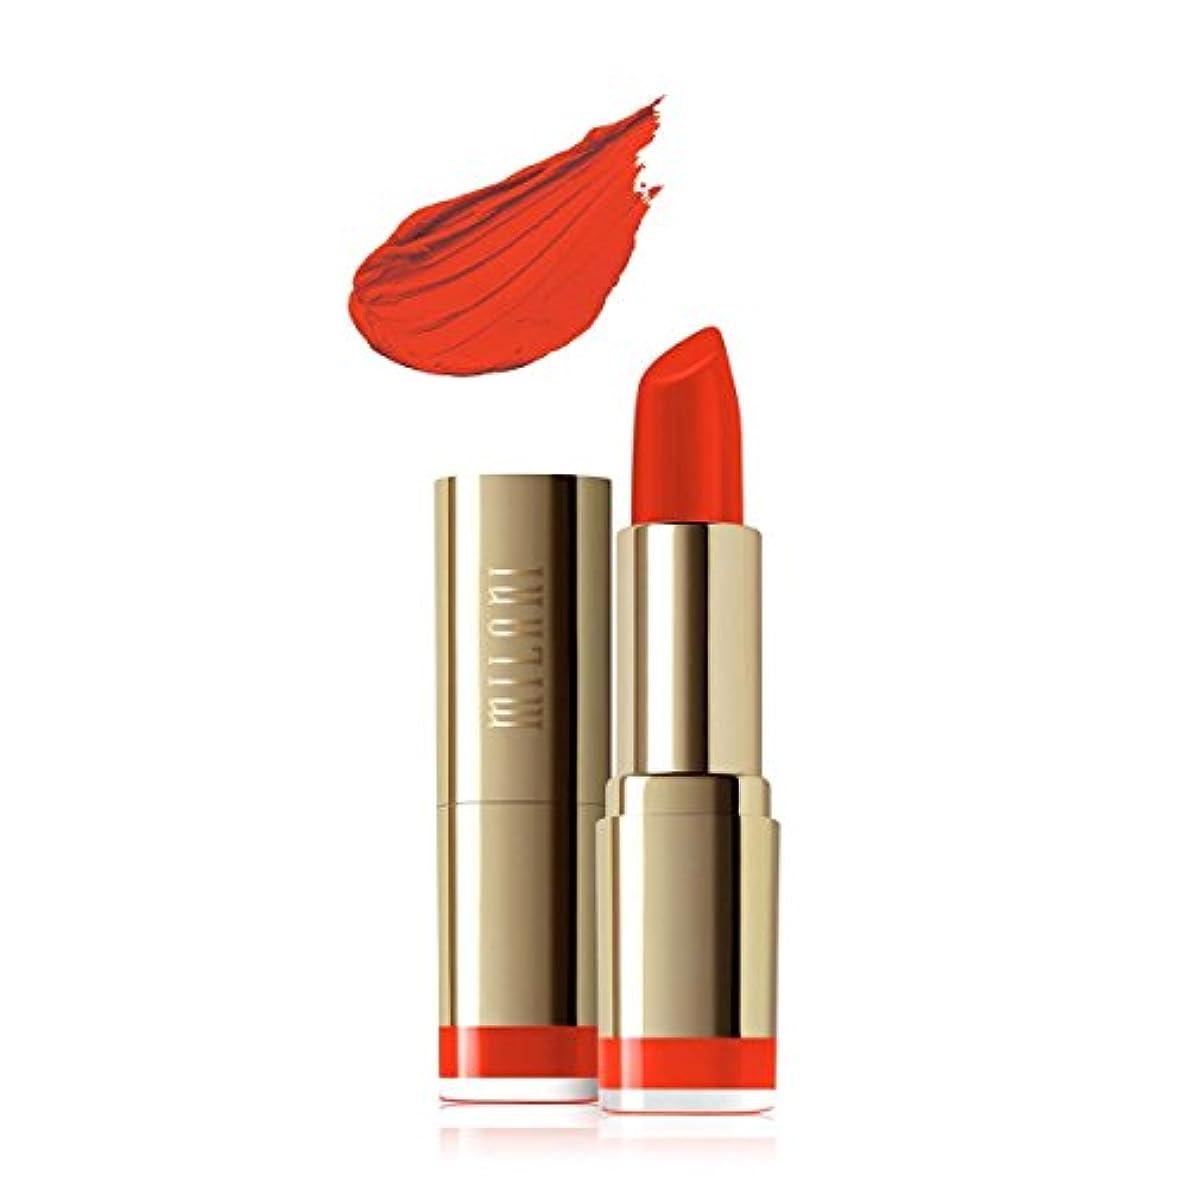 ブランド名愛するディーラーMILANI Color Statement Moisture Matte Lipstick - Matte Passion (Vegan) (並行輸入品)